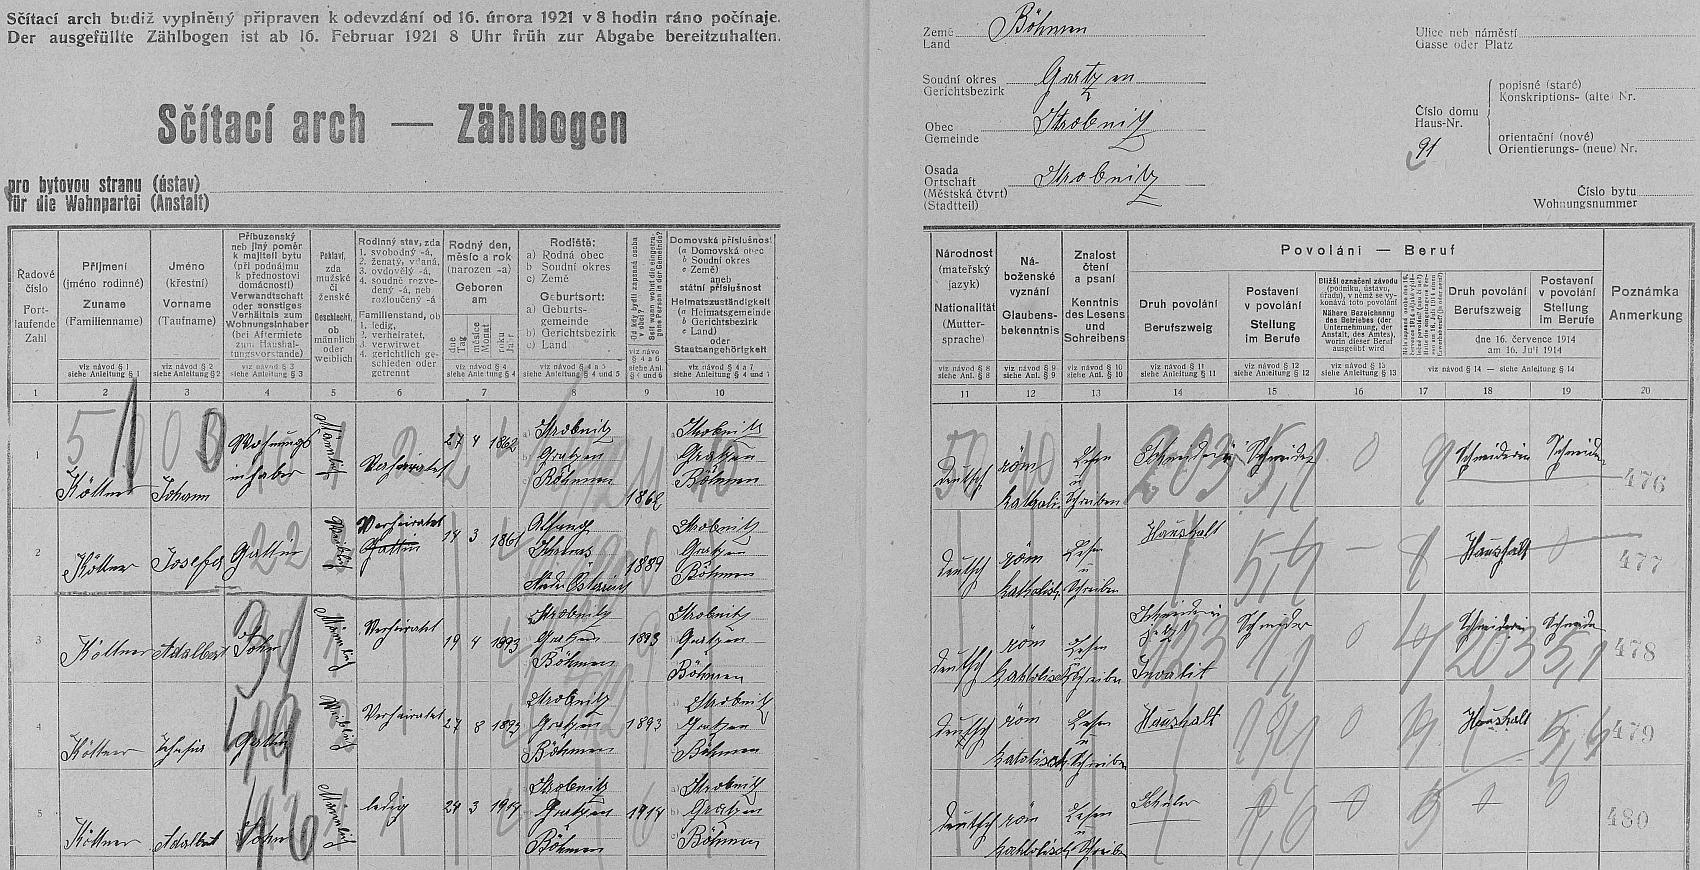 Arch sčítání lidu z roku 1921 pro stavení čp. 91 v Horní Stropnici, kde už není uveden